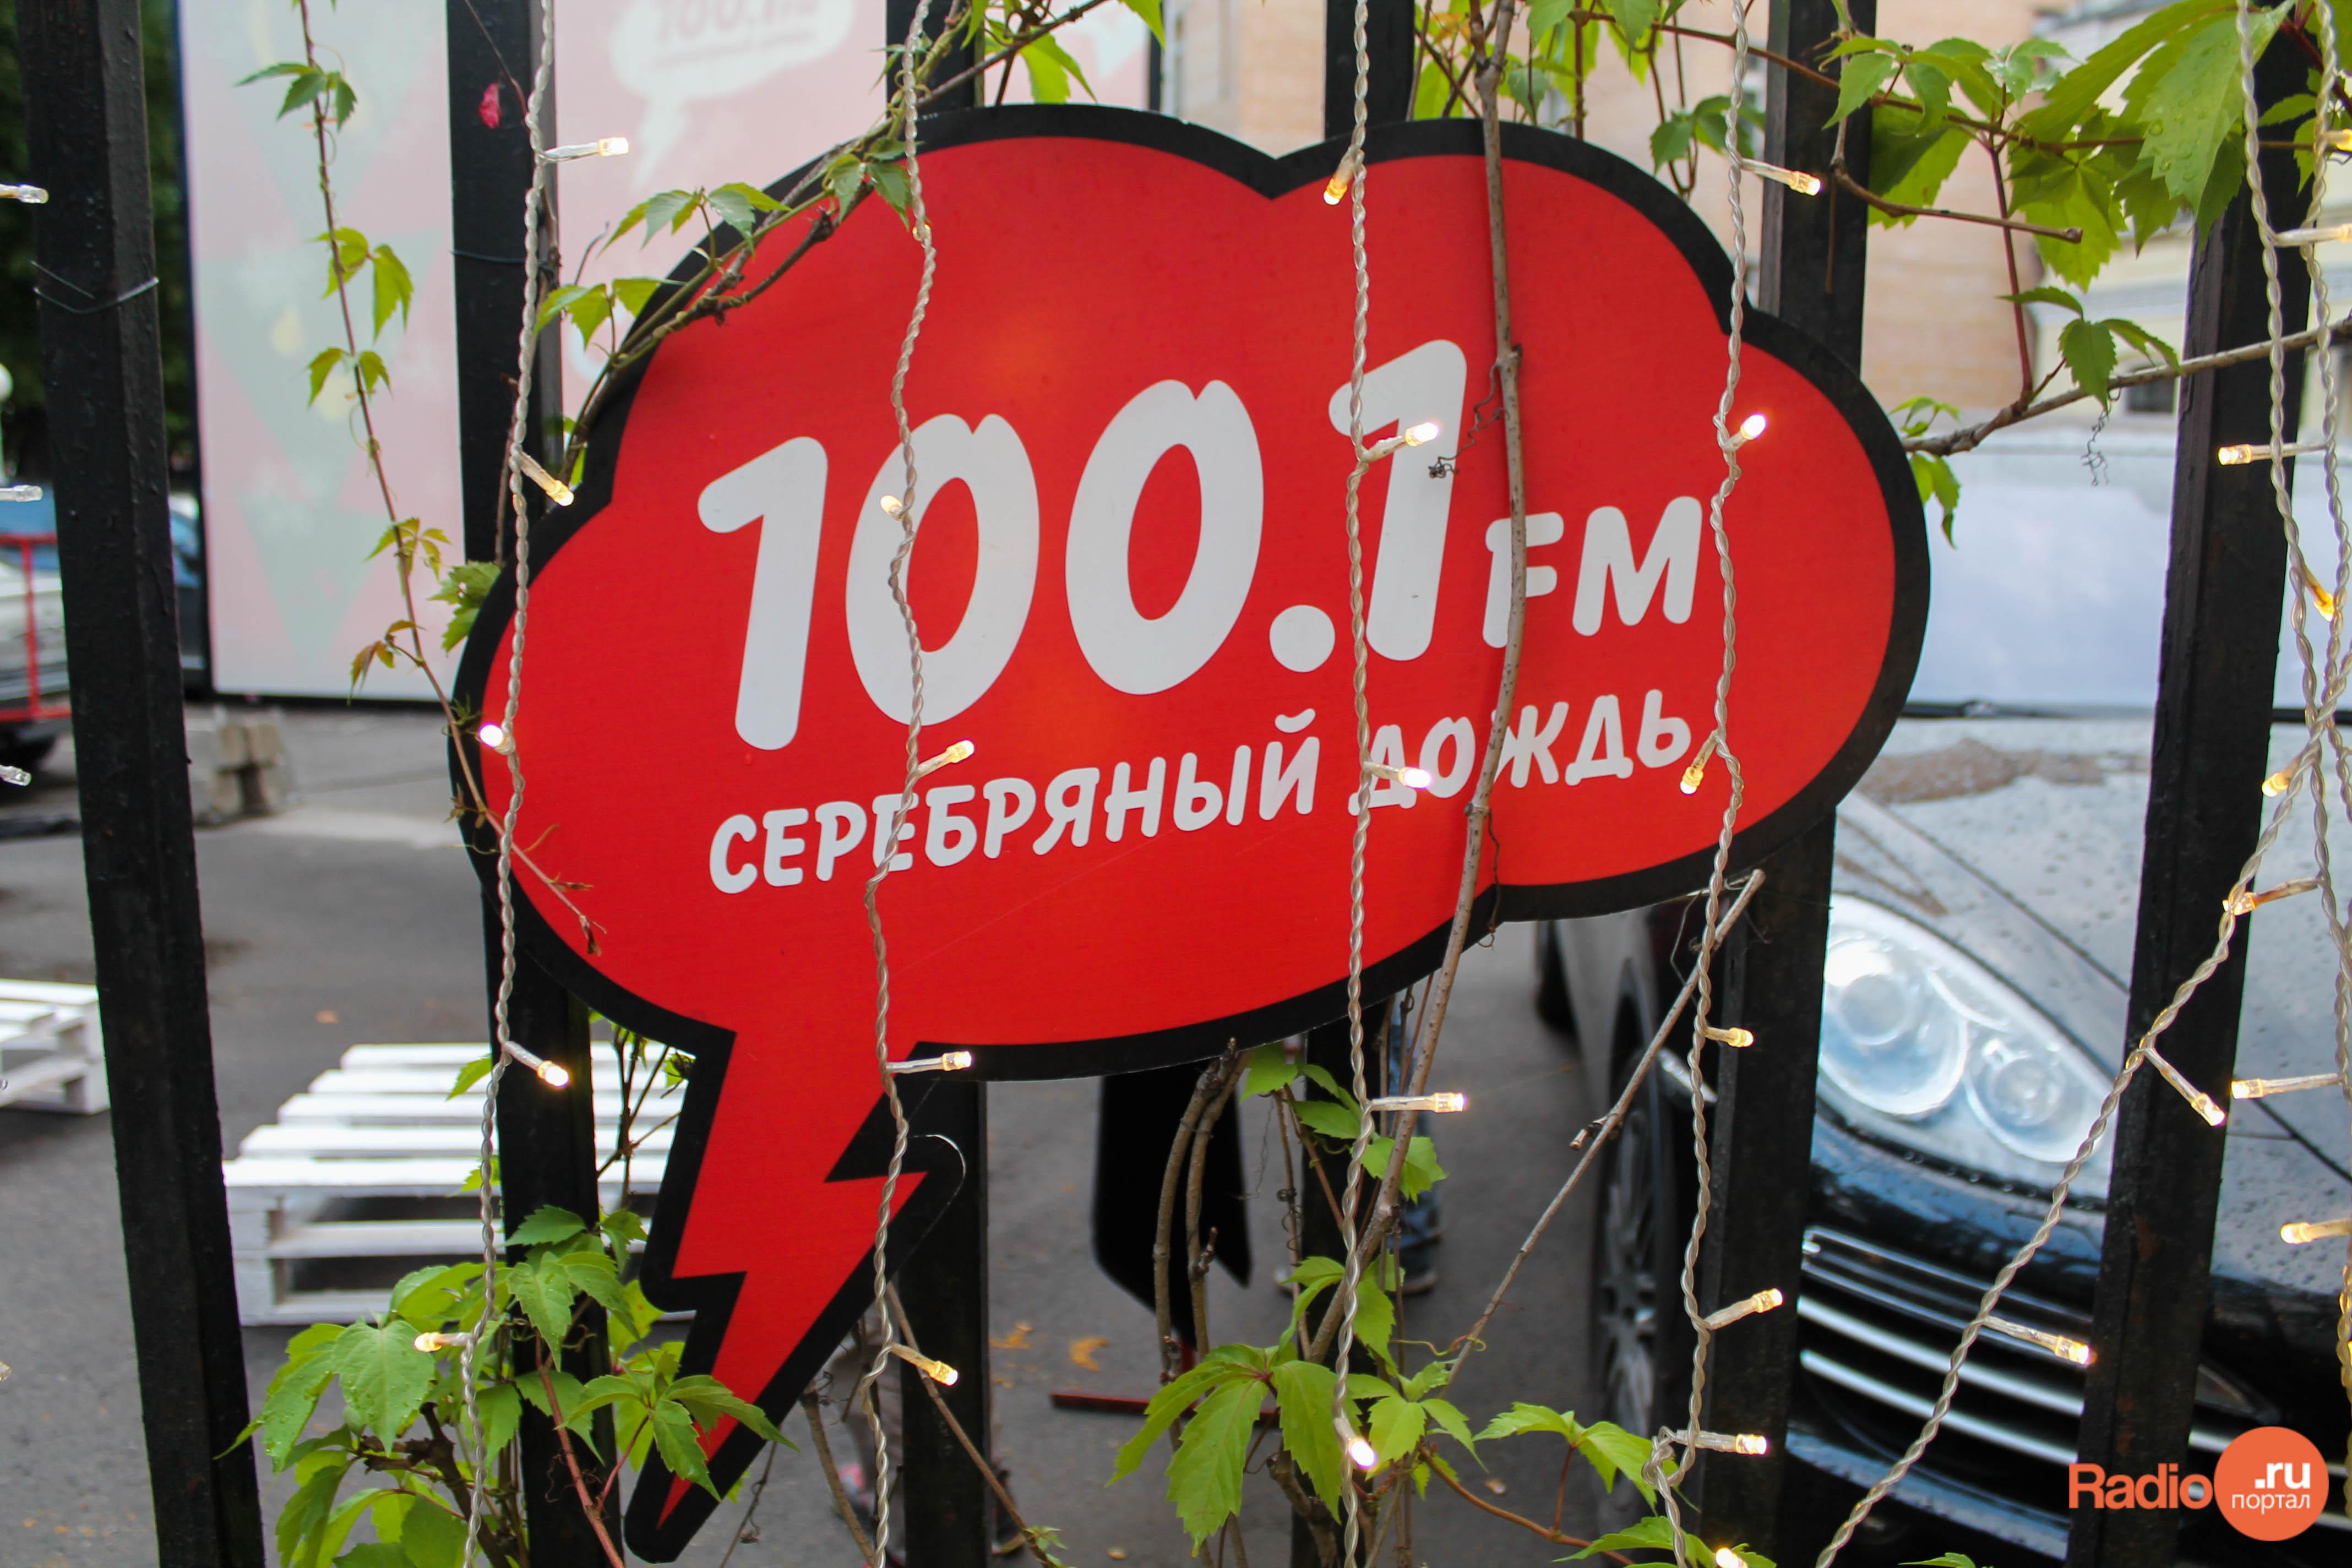 Гендиректор радиостанции «Серебряный дождь» заявил об отсутствии денег для продолжения вещания